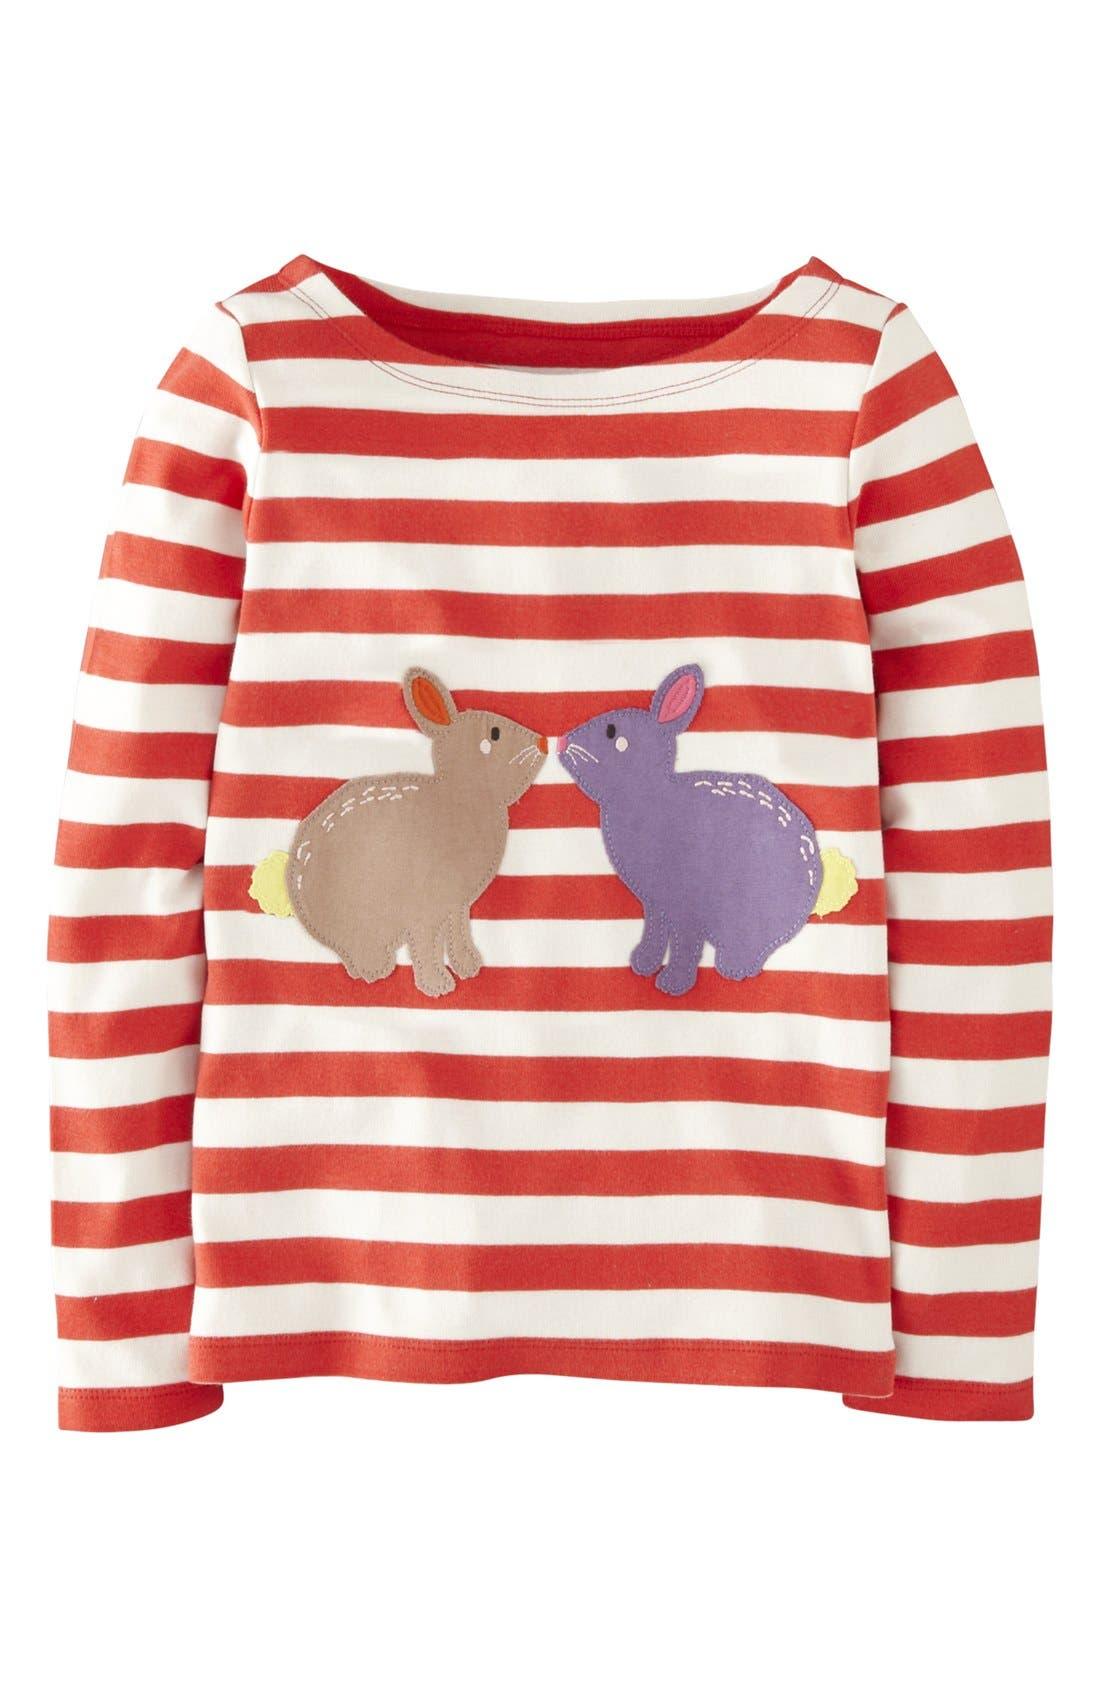 Main Image - Mini Boden 'Stripy Animal' Tee (Toddler Girls)